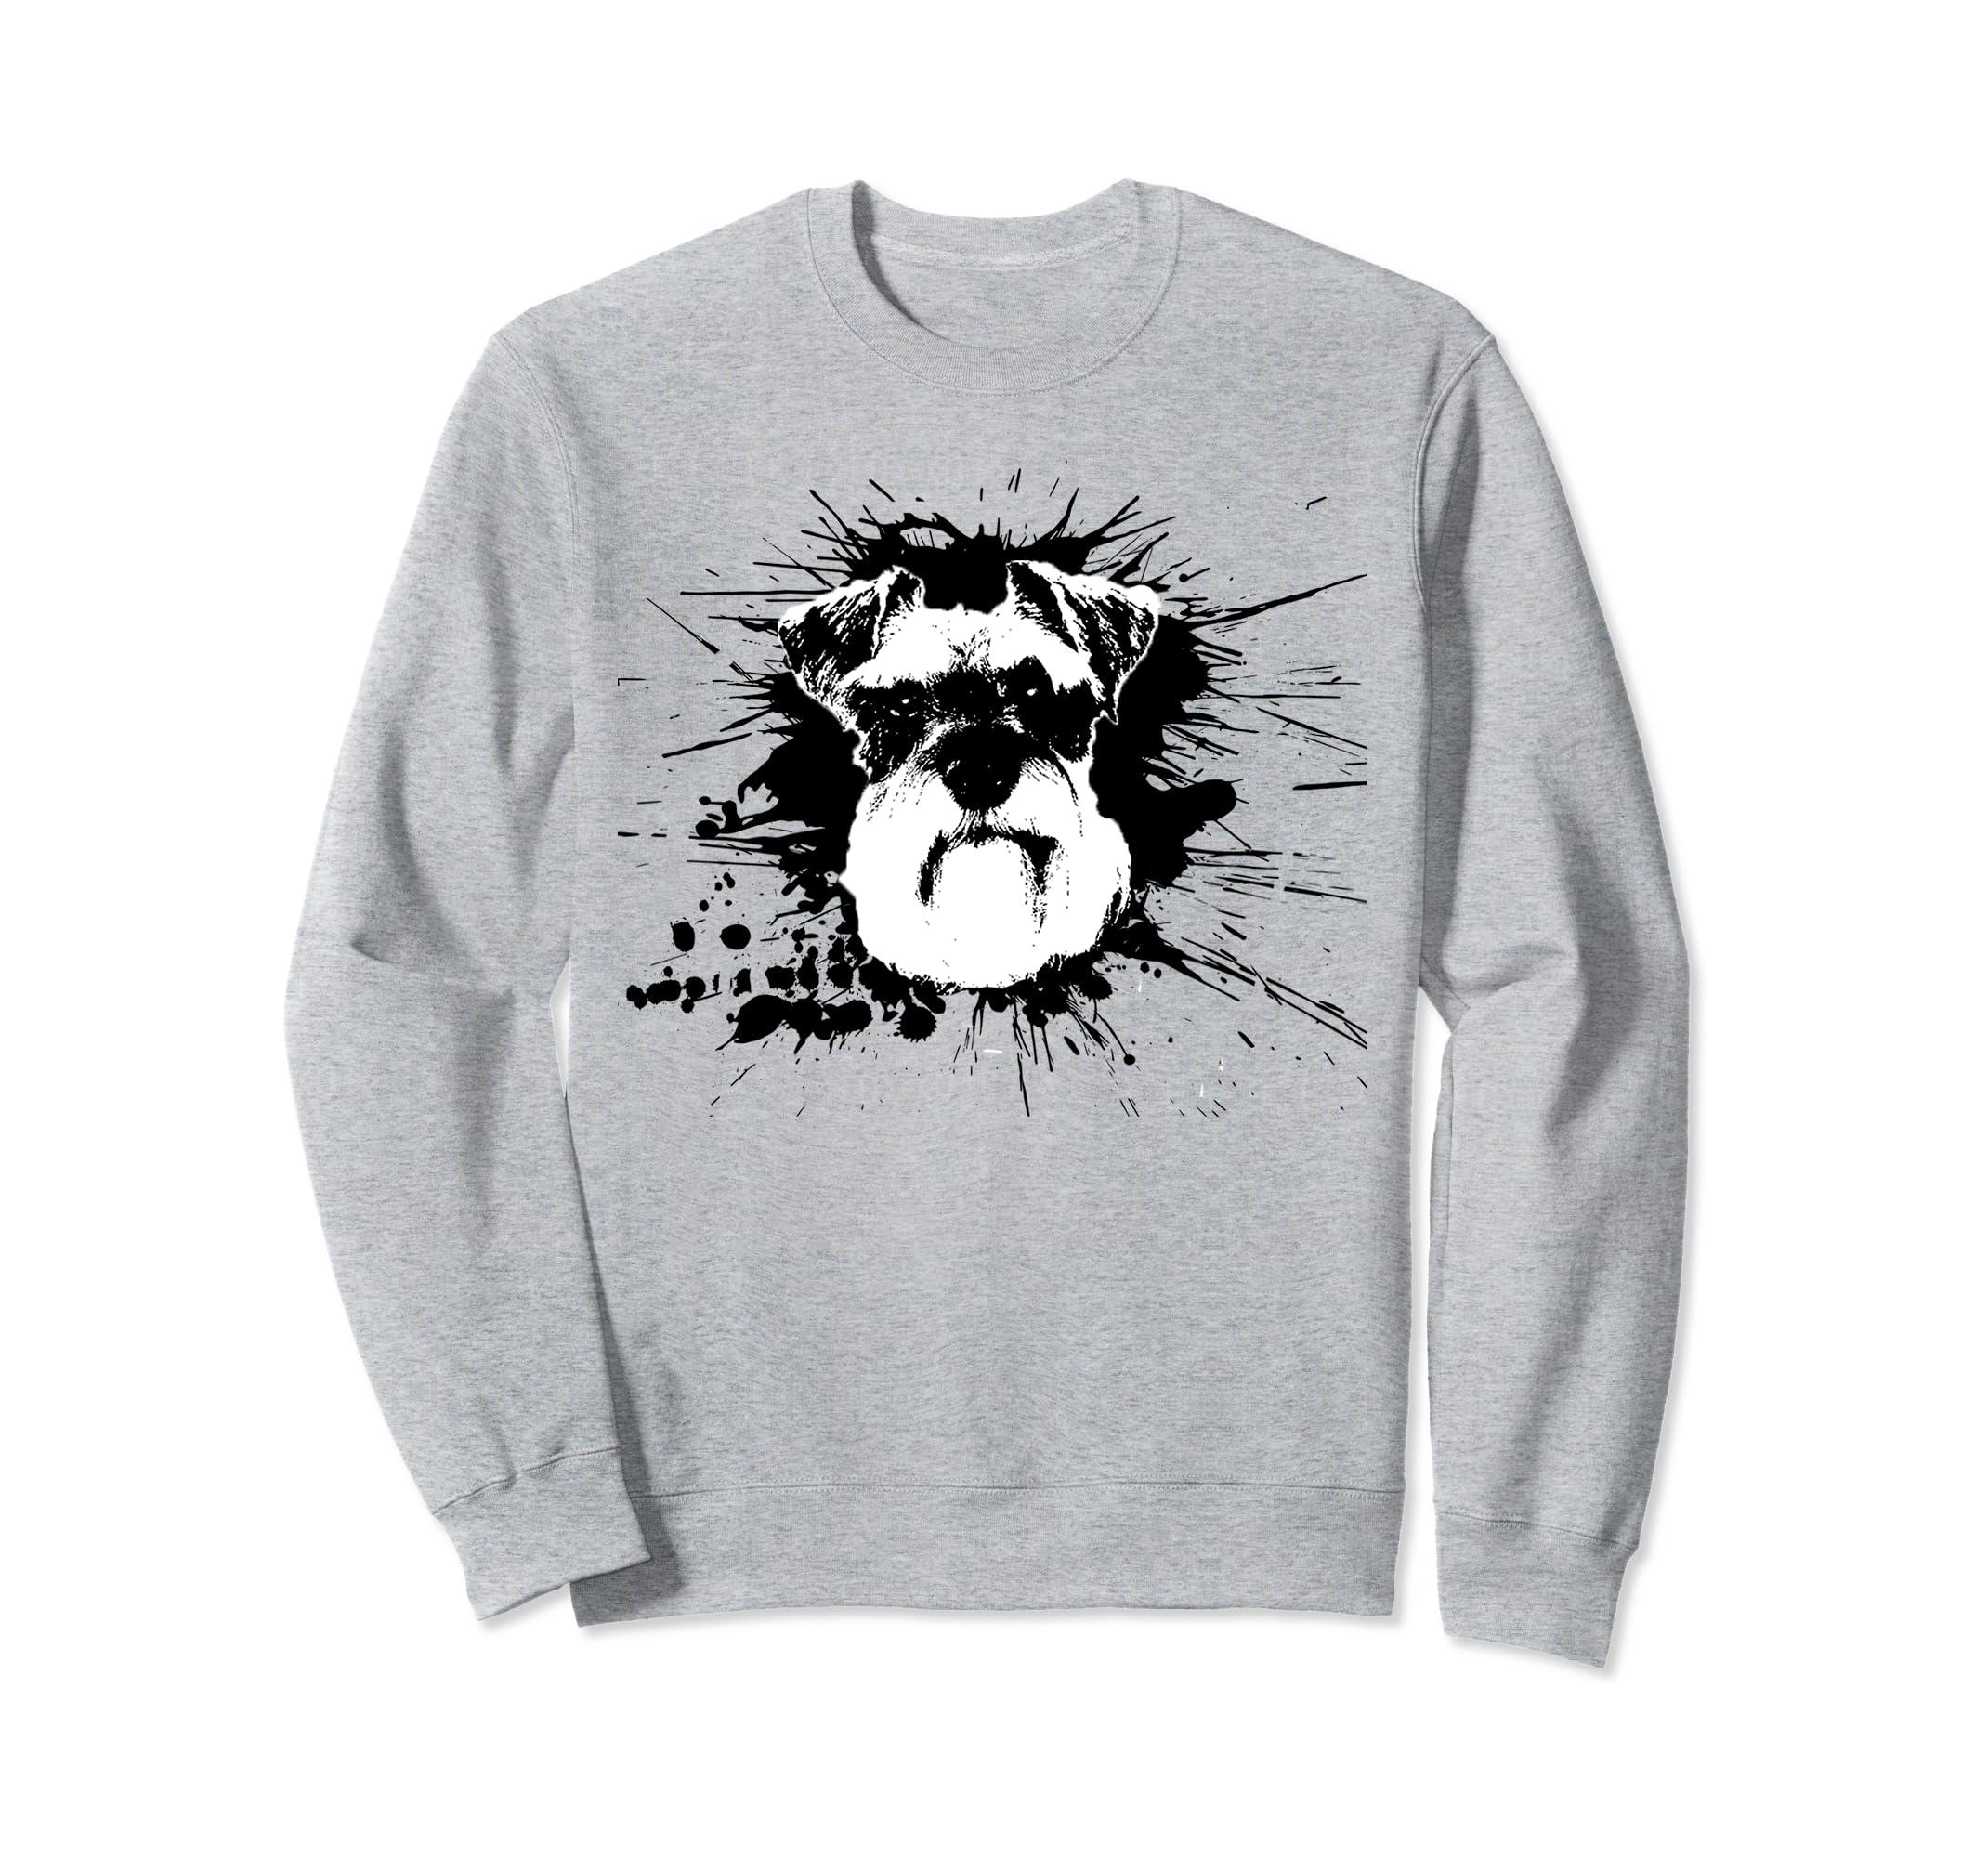 Schnauzer HeartBeat Sweatshirt-anz - Anztshirt 1d5cd01d8